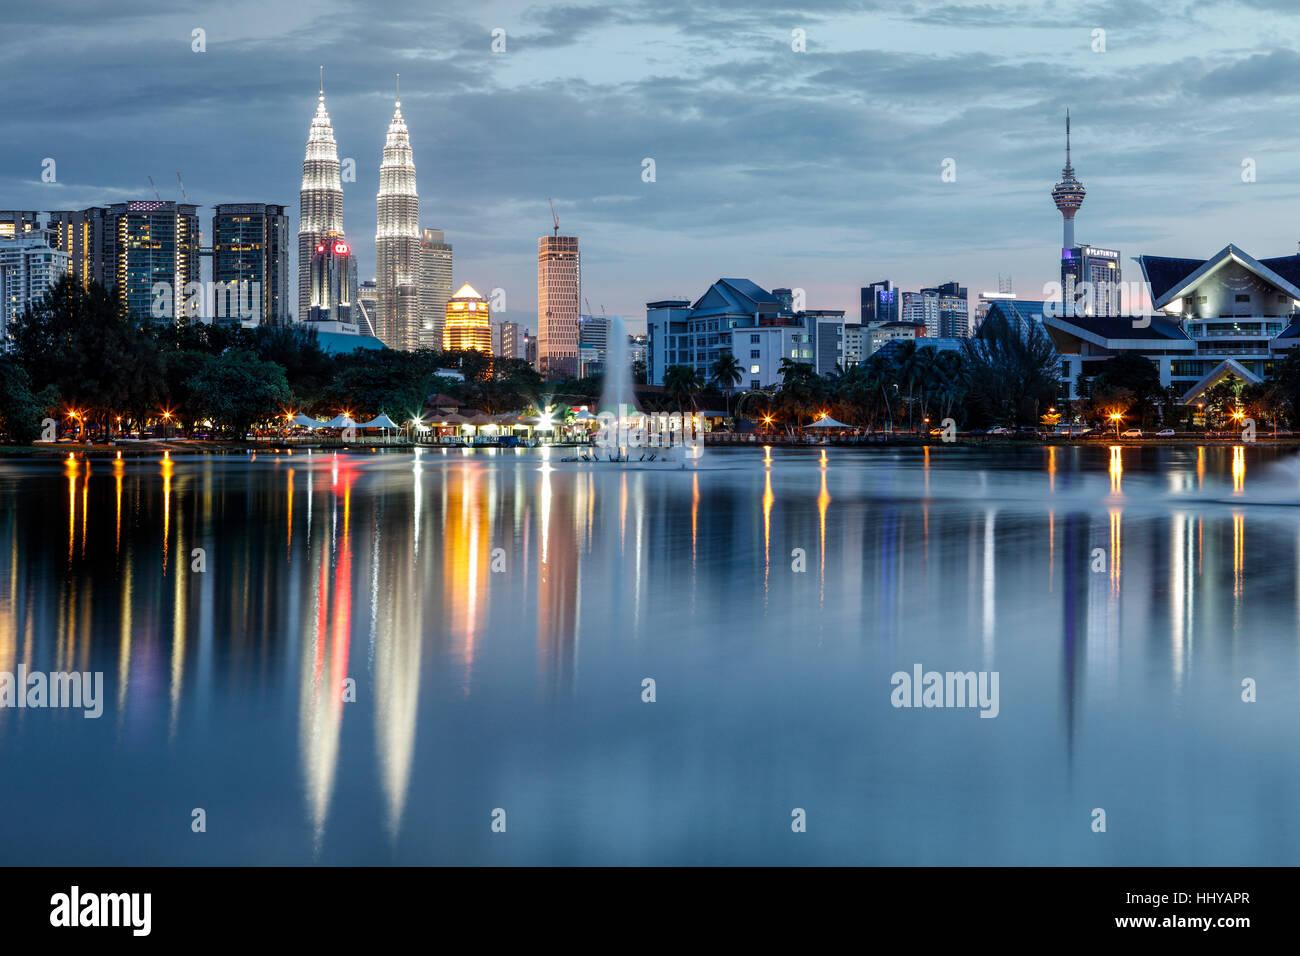 El horizonte de Kuala Lumpur al anochecer. Imagen De Stock